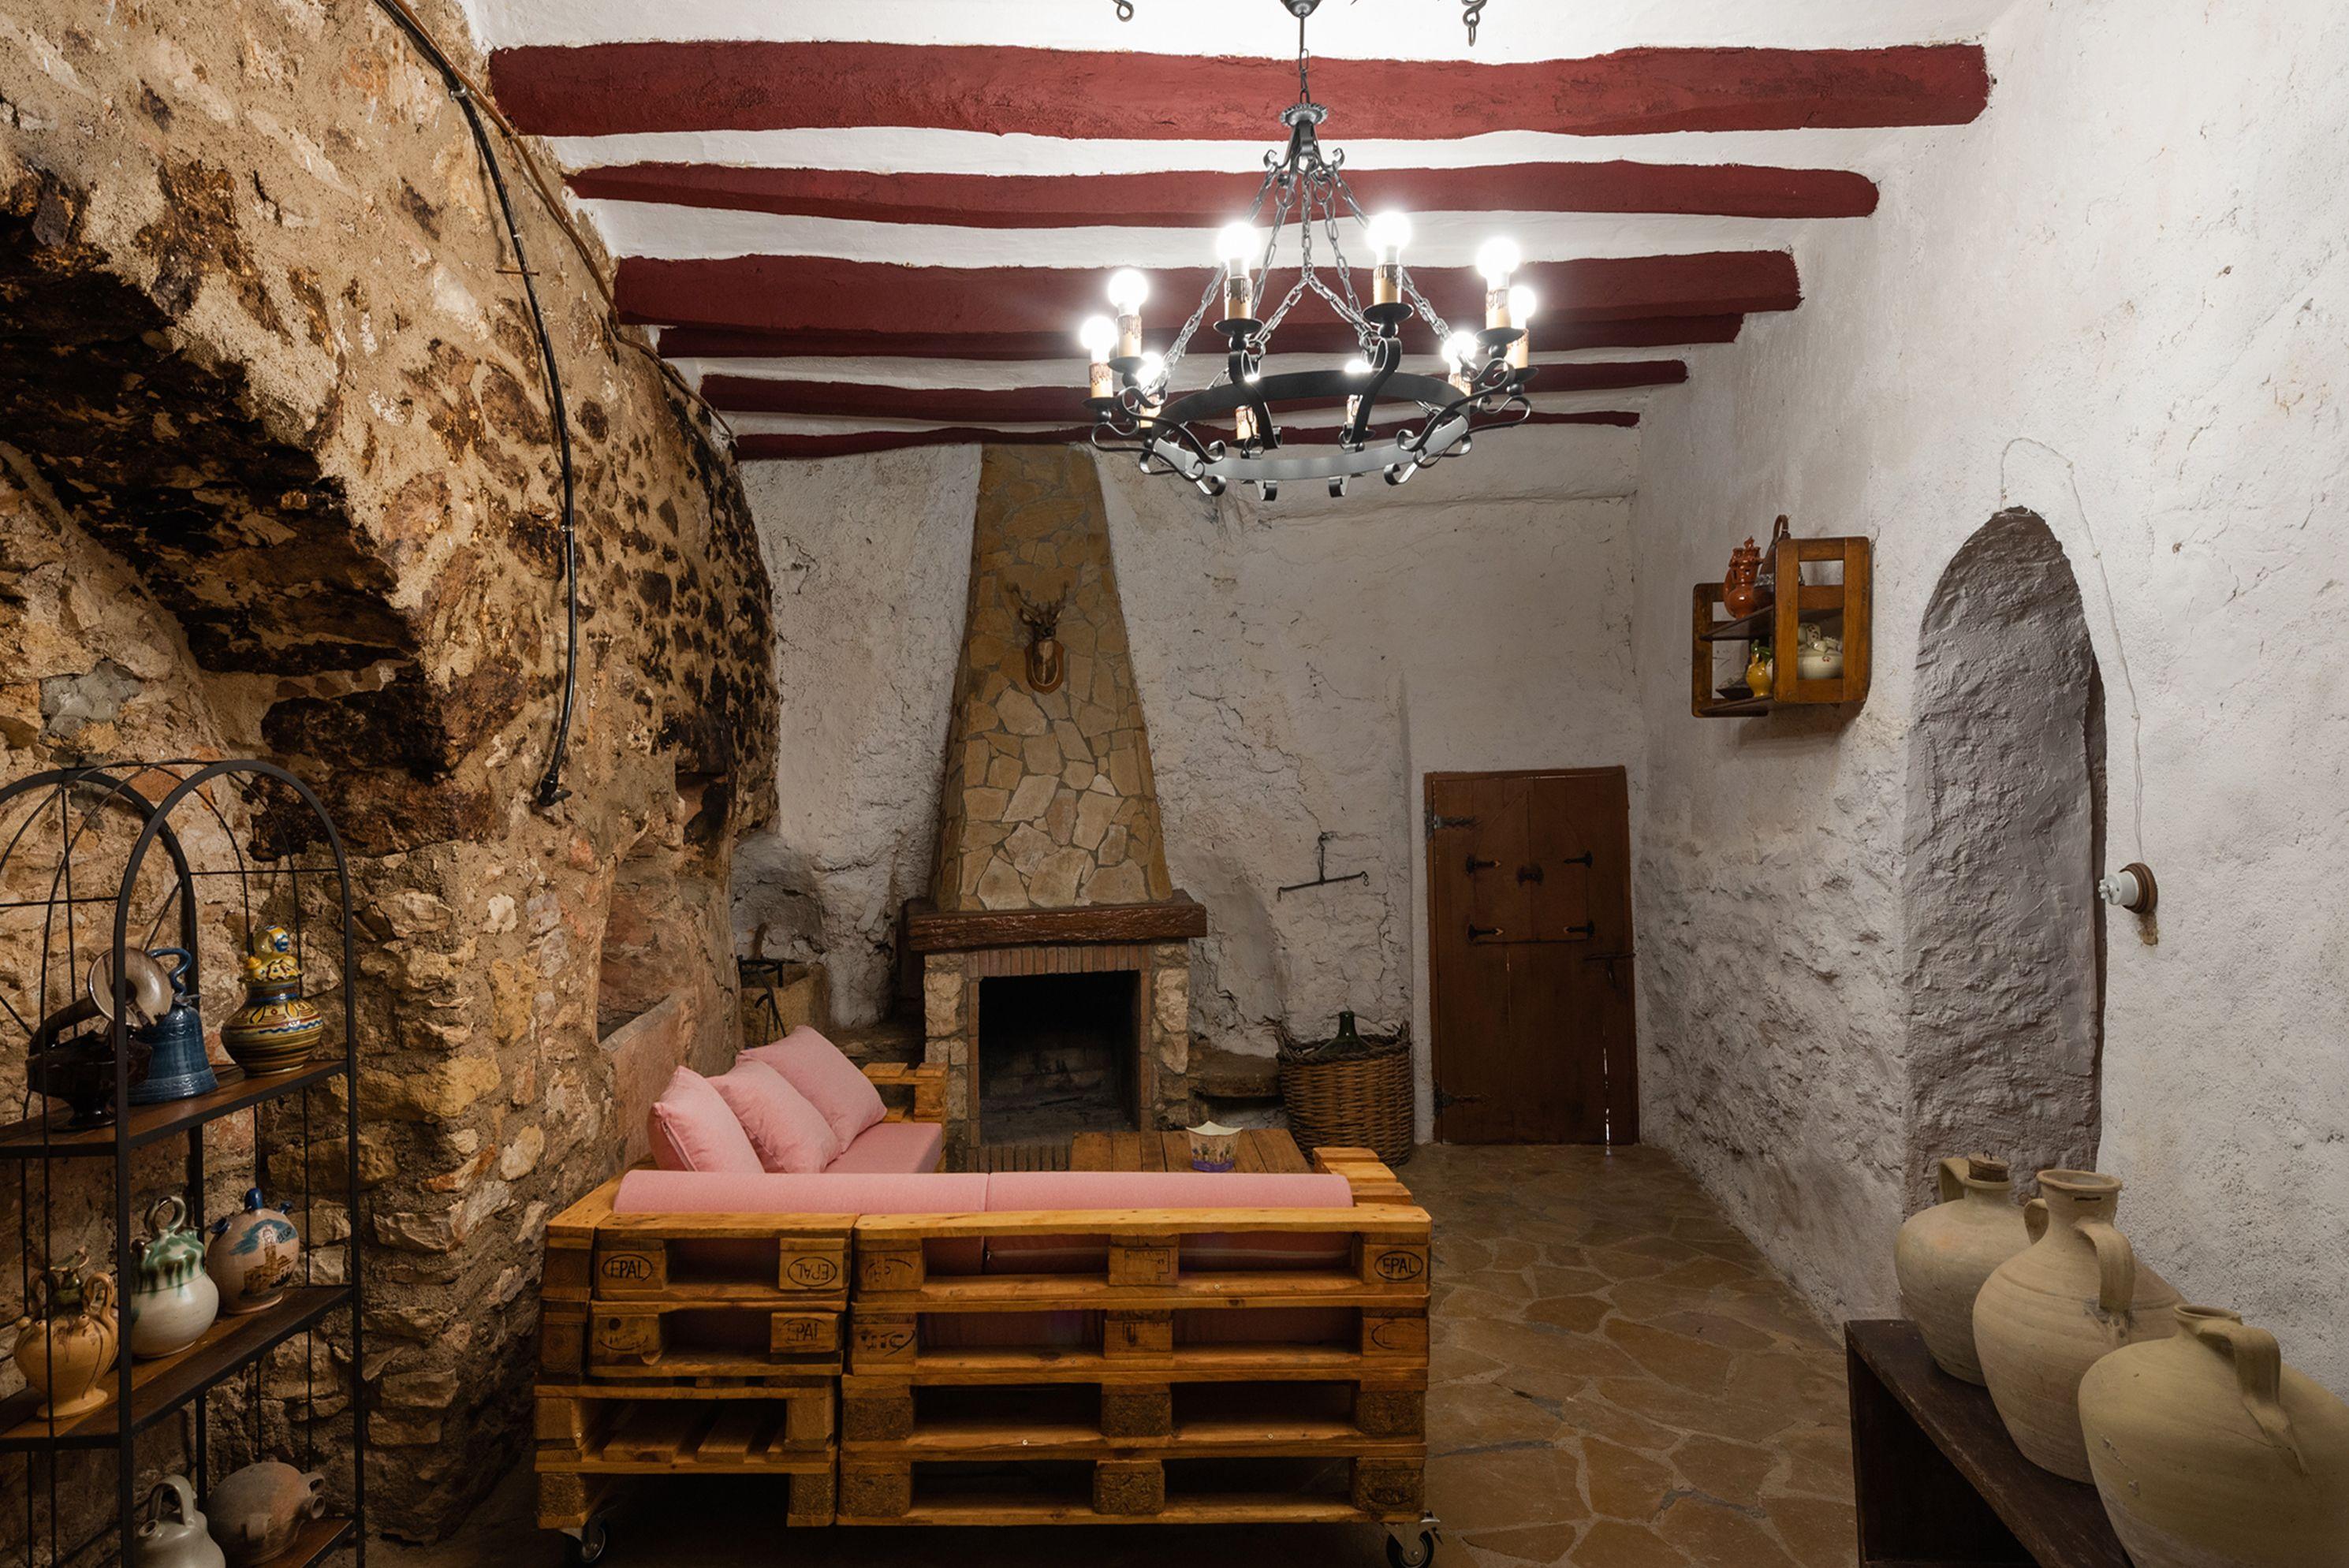 Foto 87 de Alquiler de casa rural en El Catllar | Masía Más d'en Tarrés